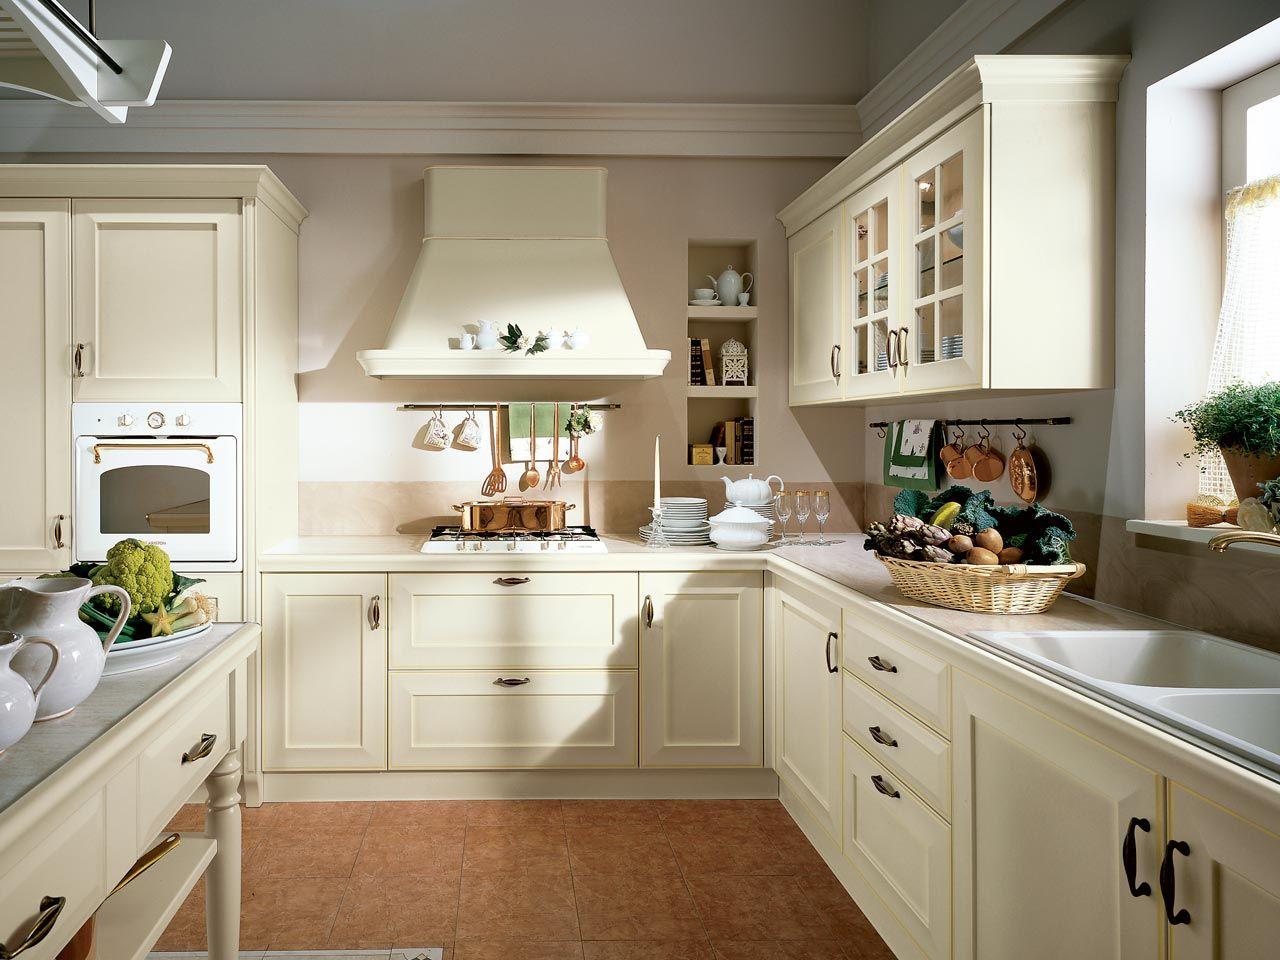 VELIA Laccata Cucina Lube Classica in 2020 Kuchen